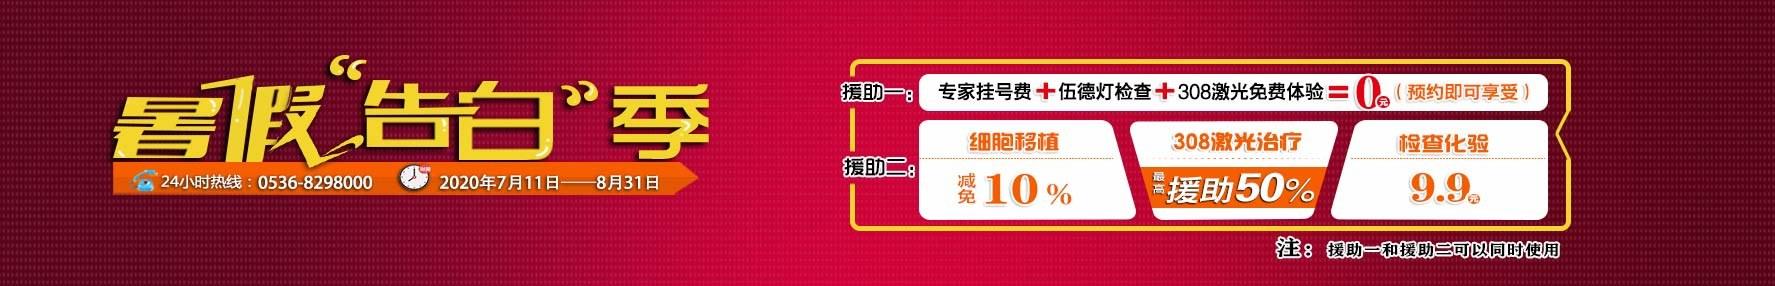 潍坊白癜风在线视频偷国产精品排名